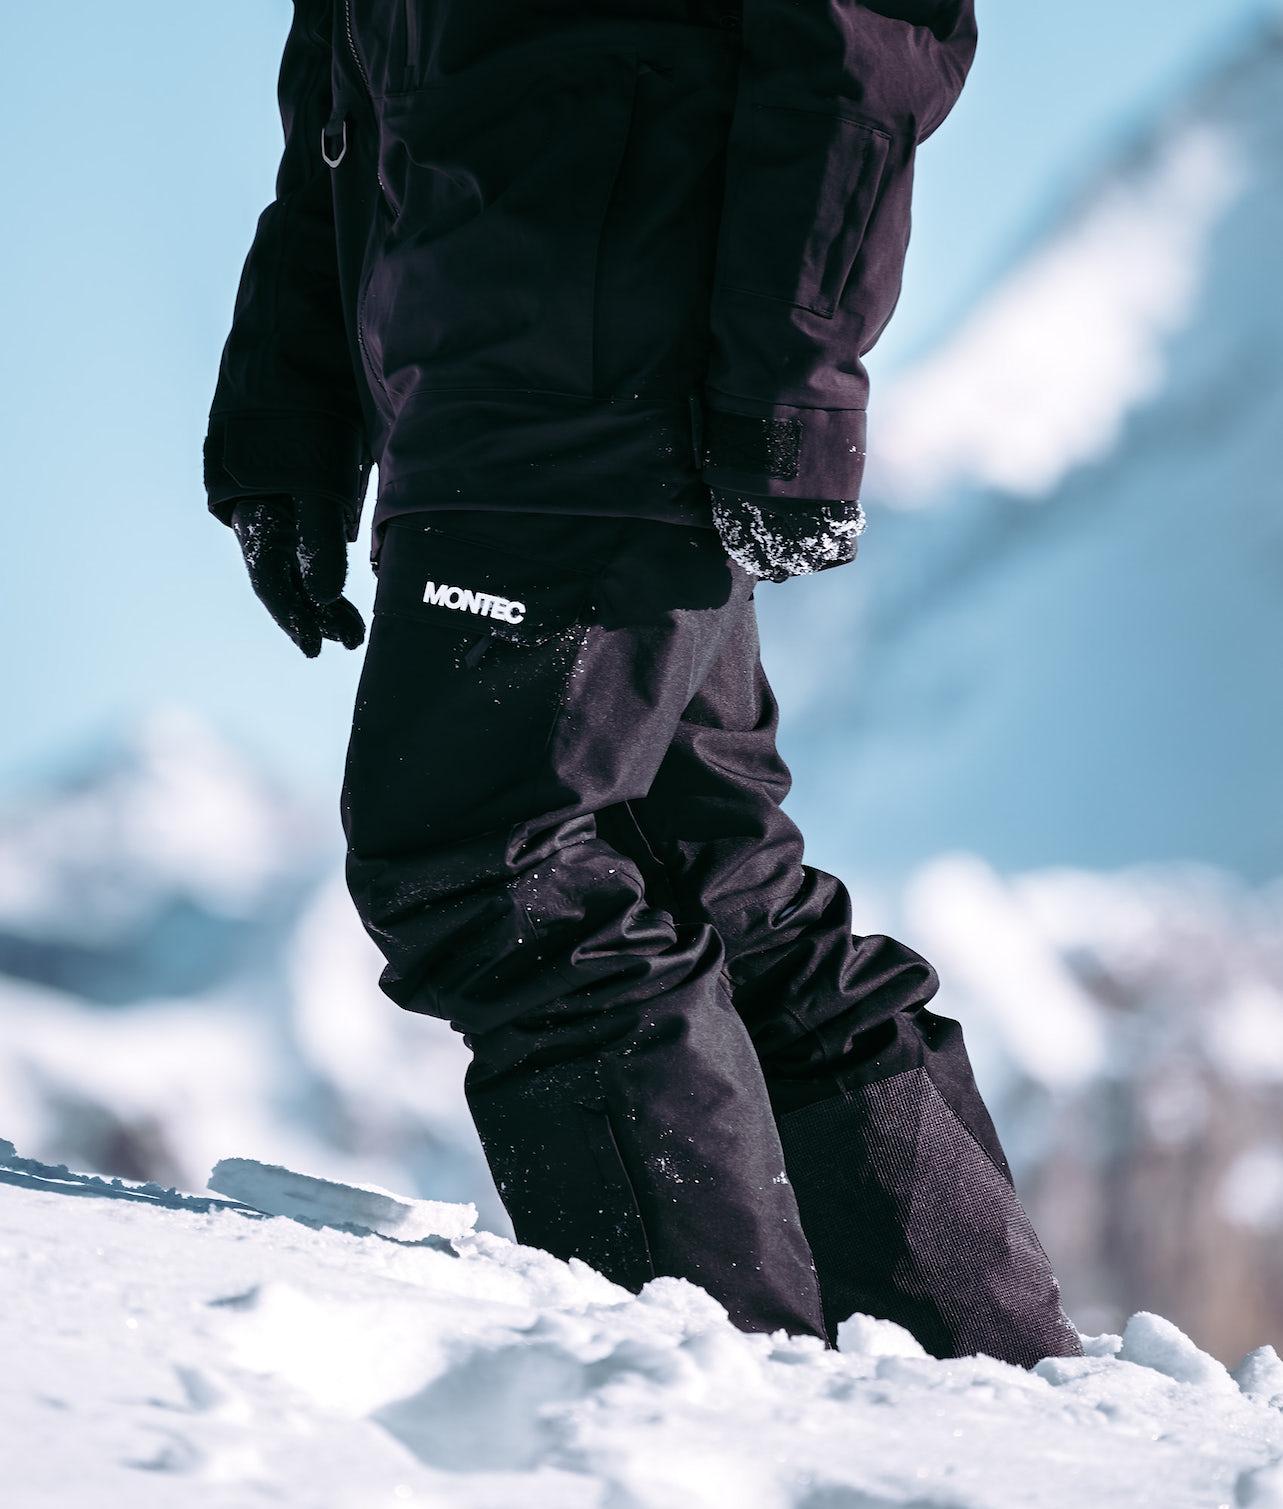 Kjøp Dune 19 Snowboardbukse fra Montec på Ridestore.no - Hos oss har du alltid fri frakt, fri retur og 30 dagers åpent kjøp!